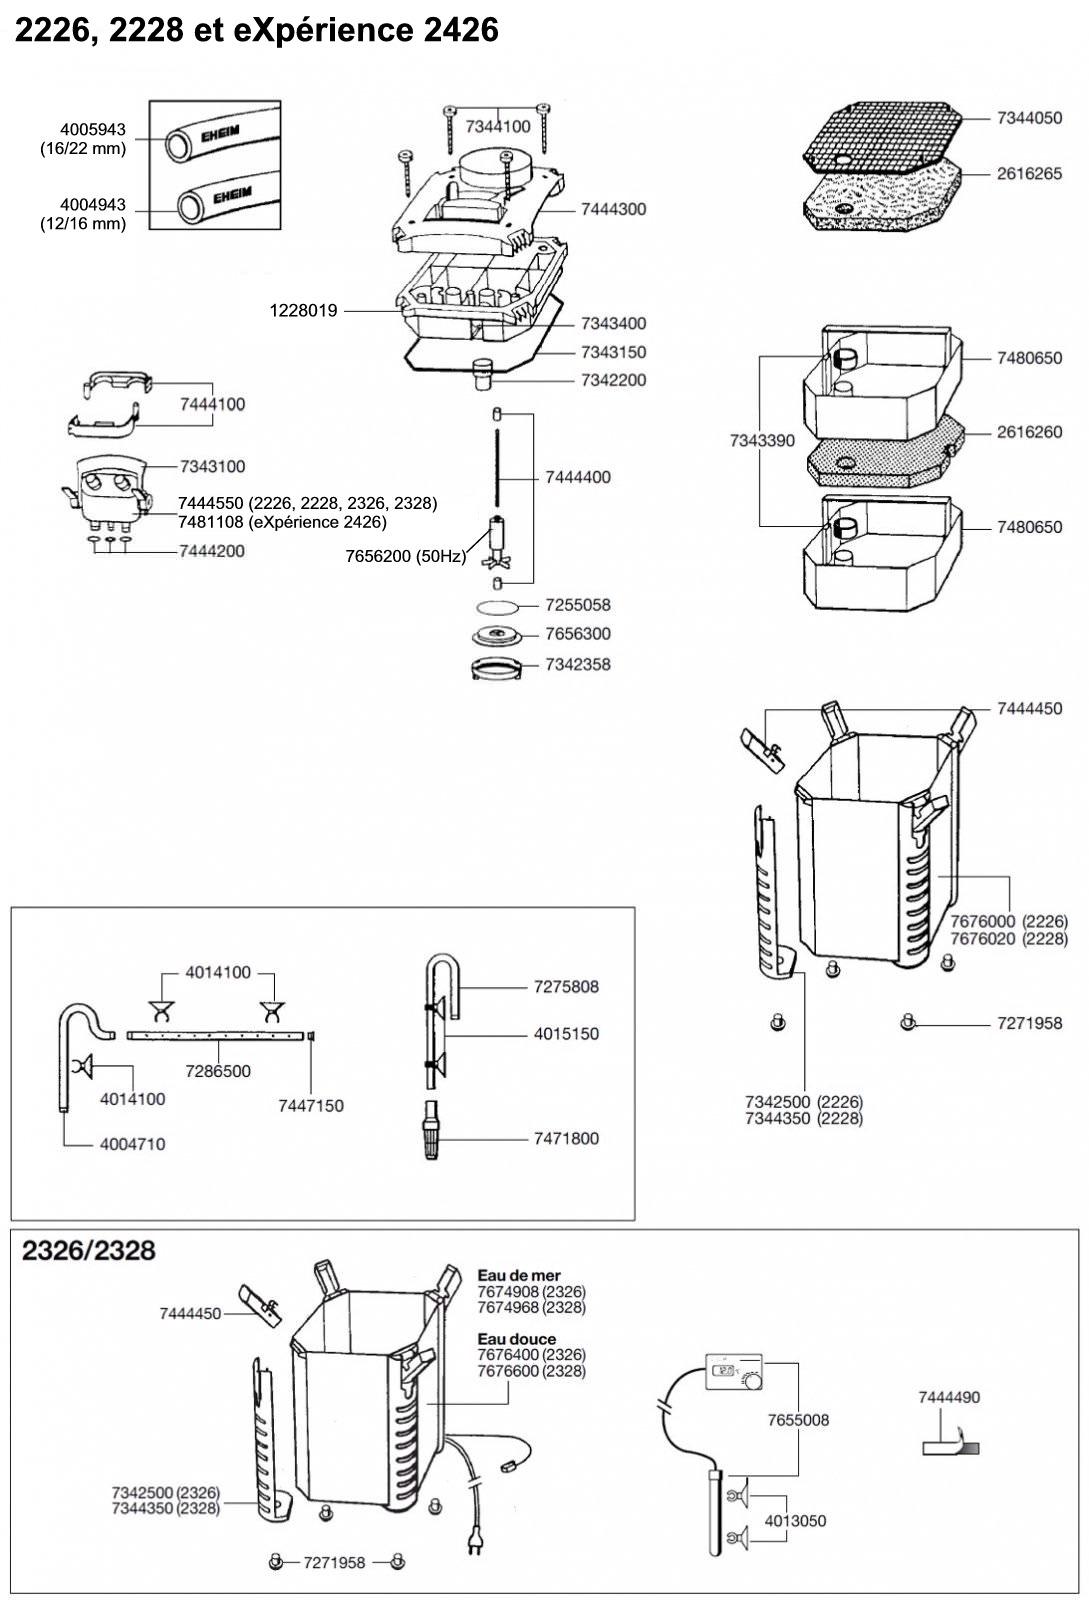 EHEIM Pièces détachées pour filtre externe Eheim Professionel 2 2226, 2228, 2326, 2328 et eXpérience 2426